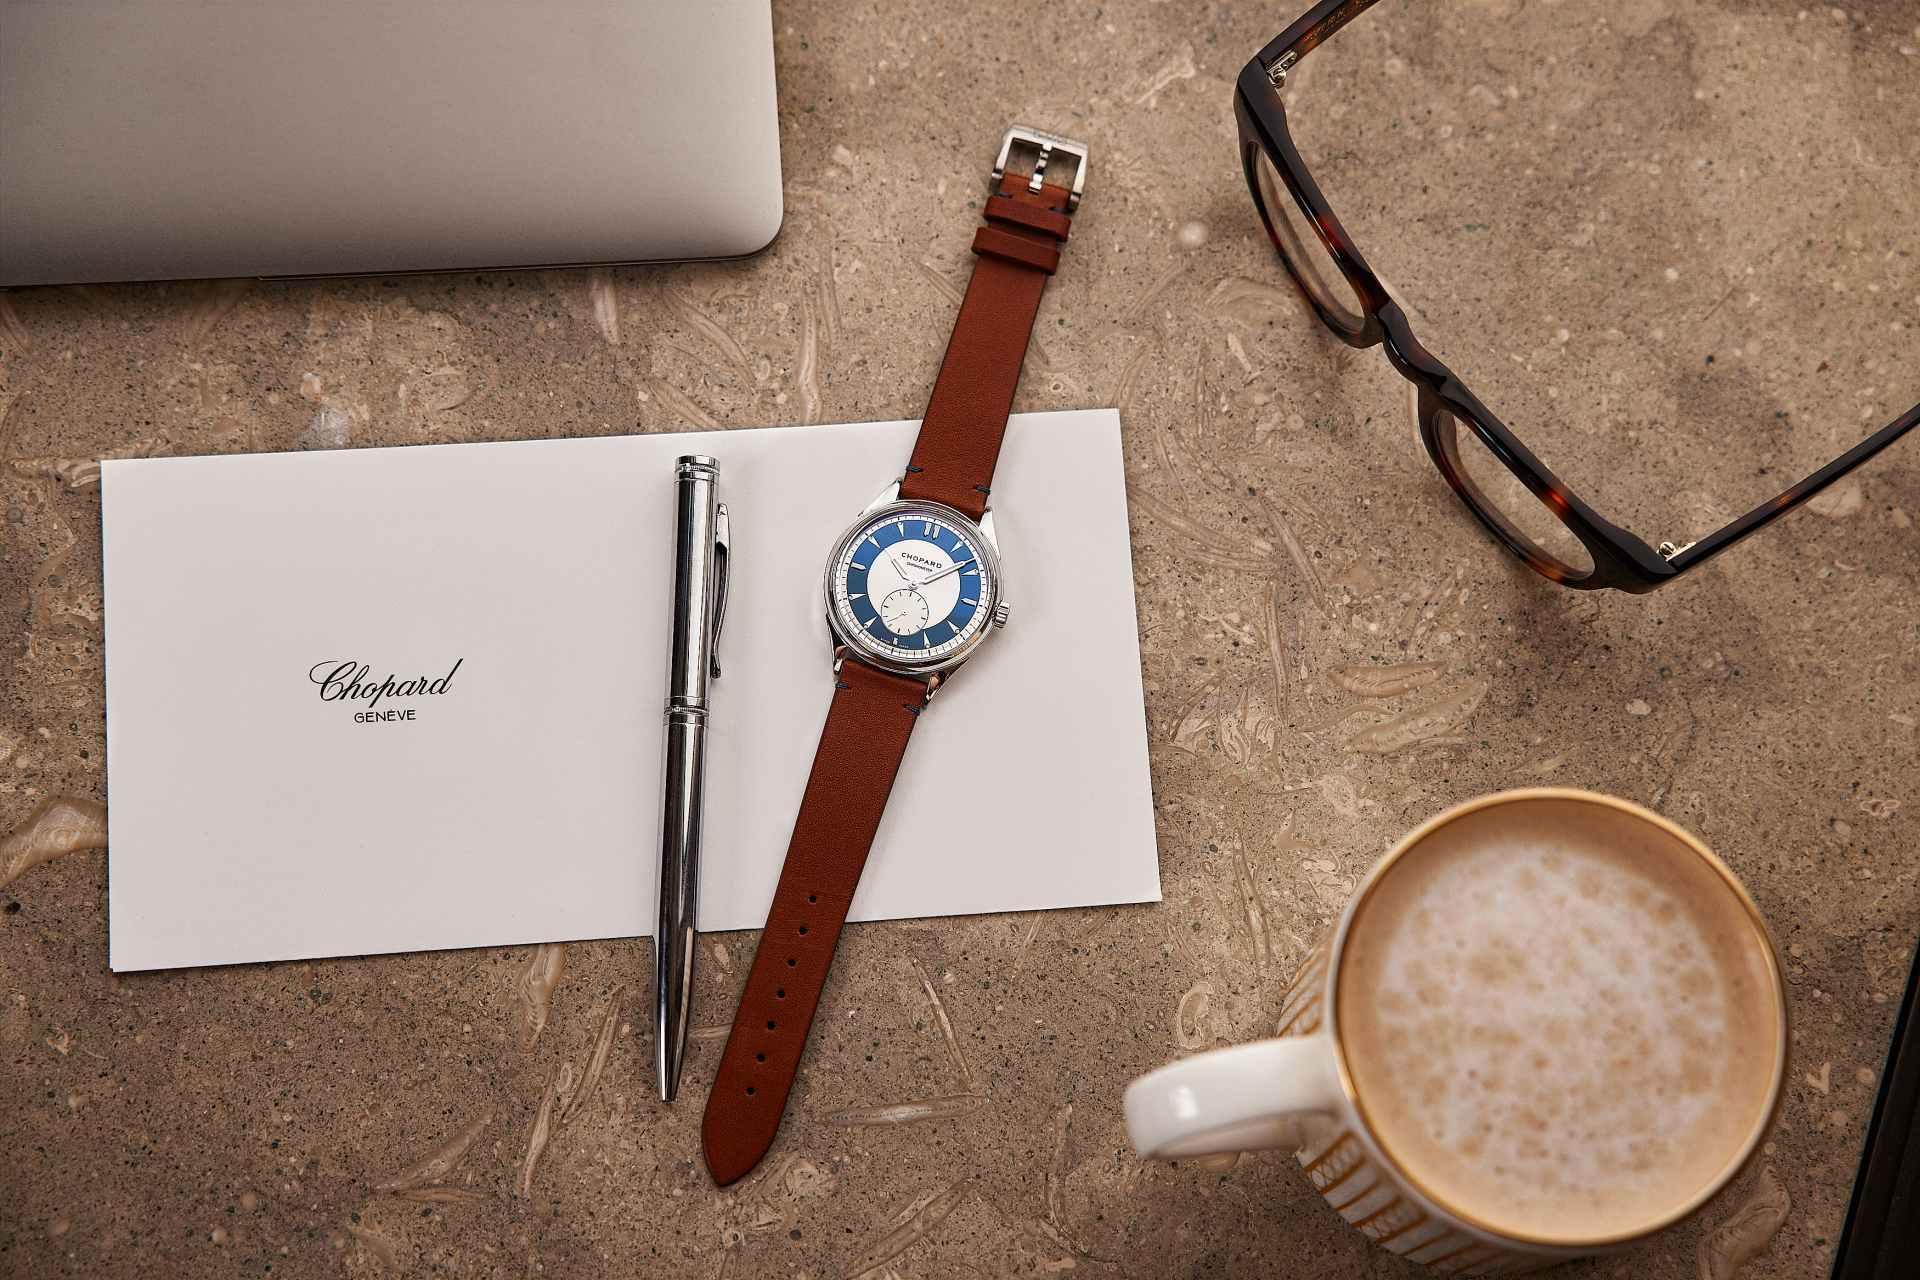 【2021線上錶展】蕭邦錶發表 L.U.C QF Jubilee腕錶,誌念創廠25周年